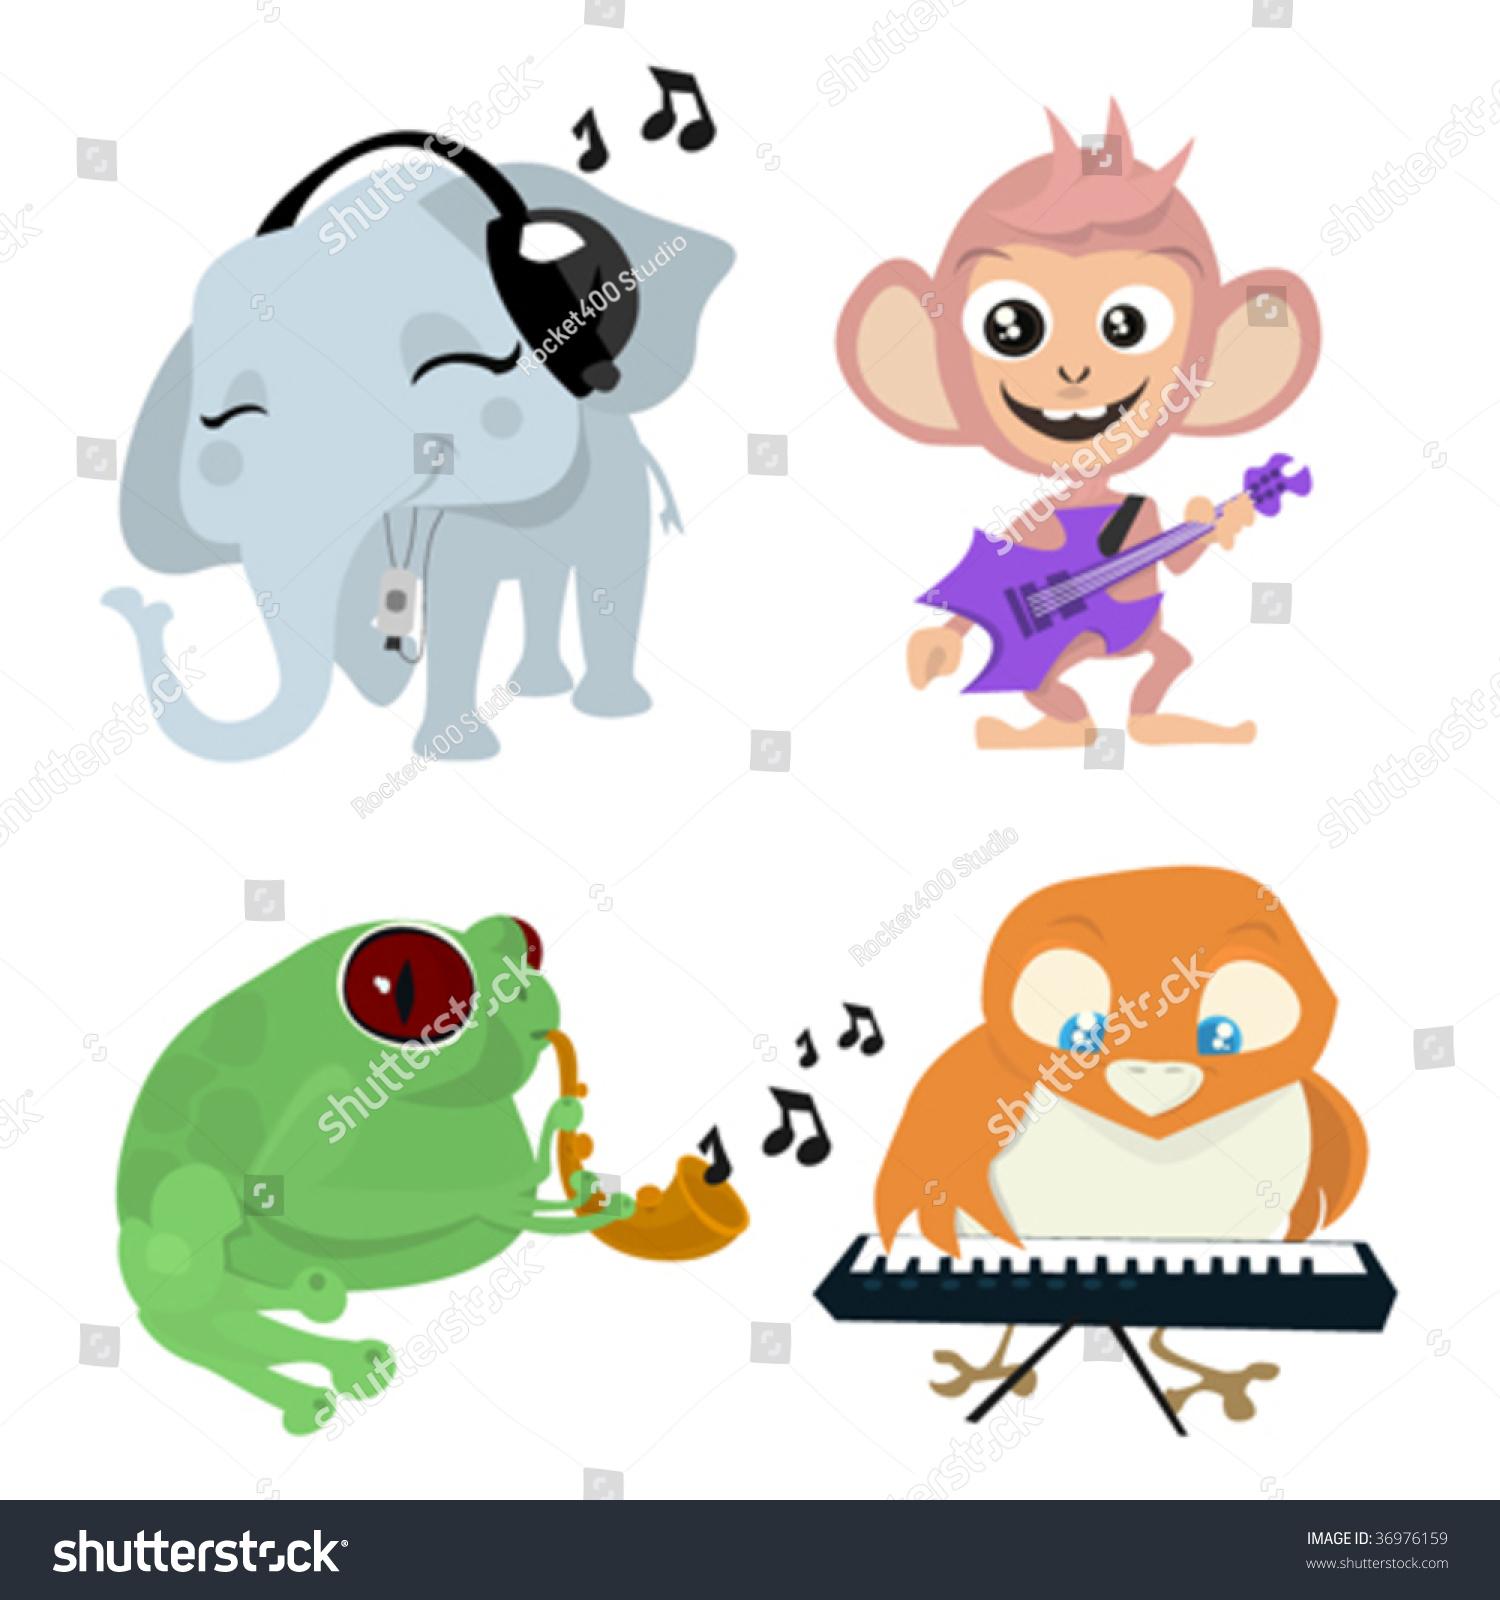 可爱的动物乐队-动物/野生生物